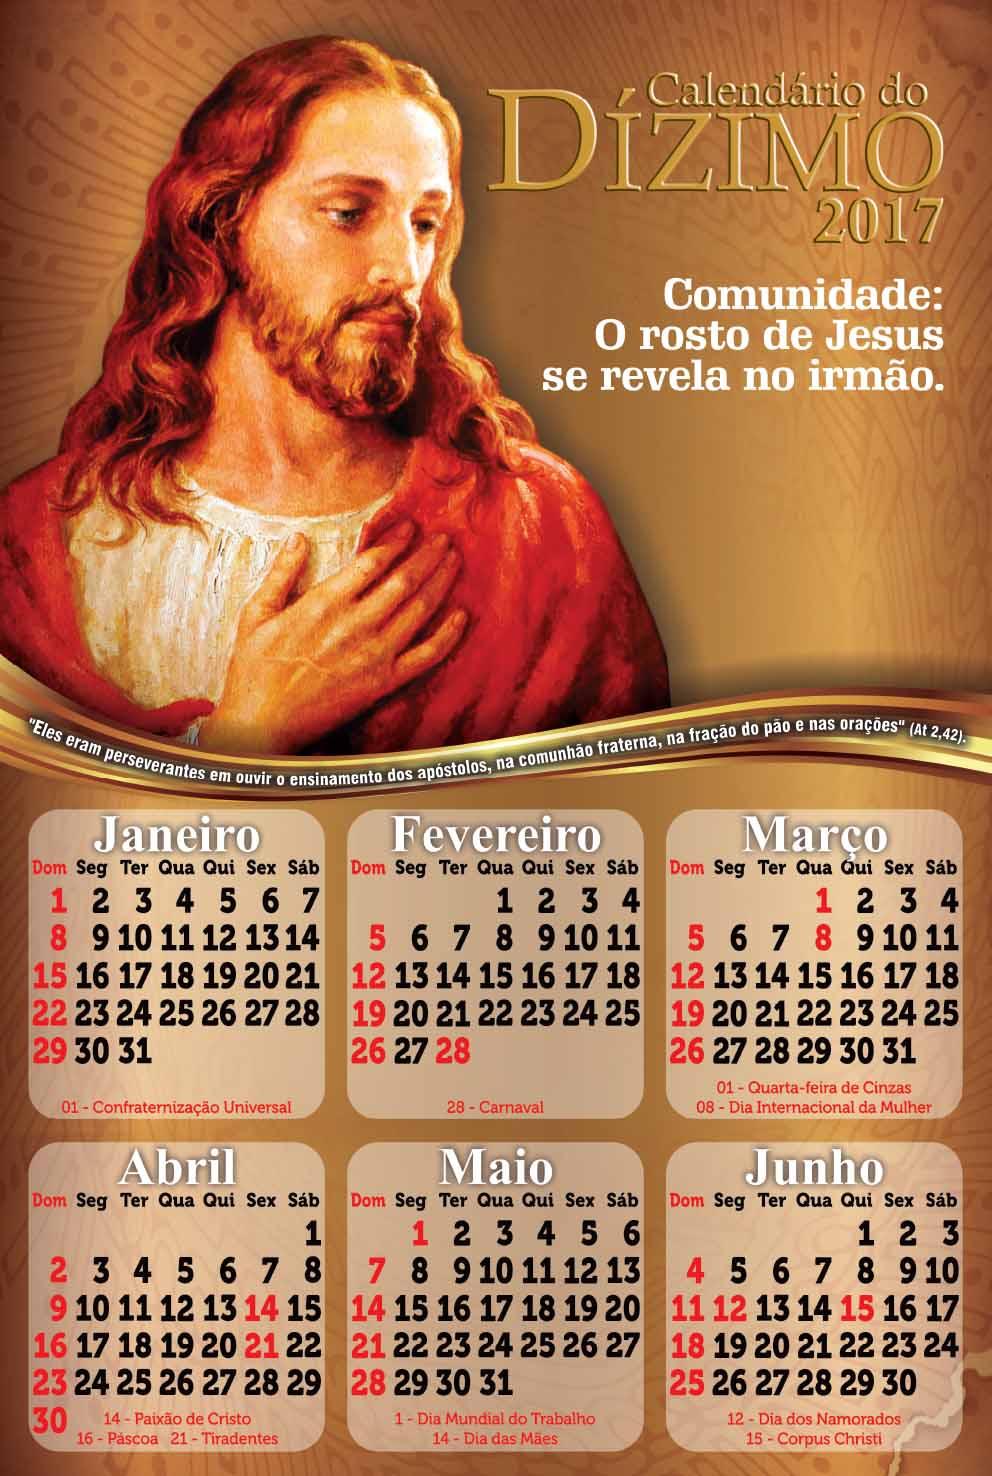 Calendário do Dízimo 2017 Frente e Verso